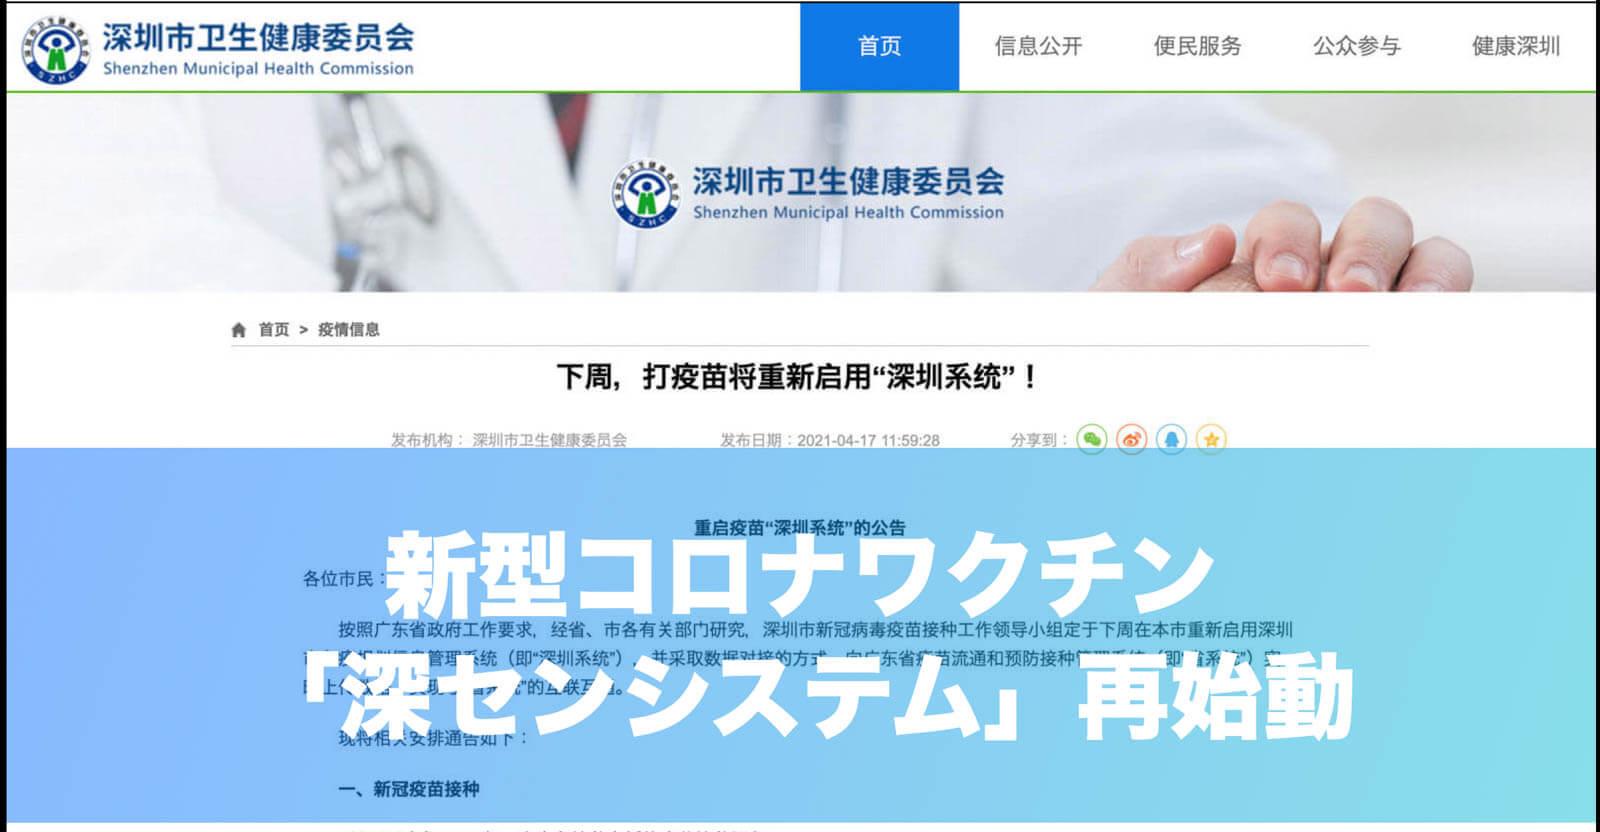 深センの新型コロナワクチン接種システムは広東省と連動した「深センシステム」で再始動(4/21-)